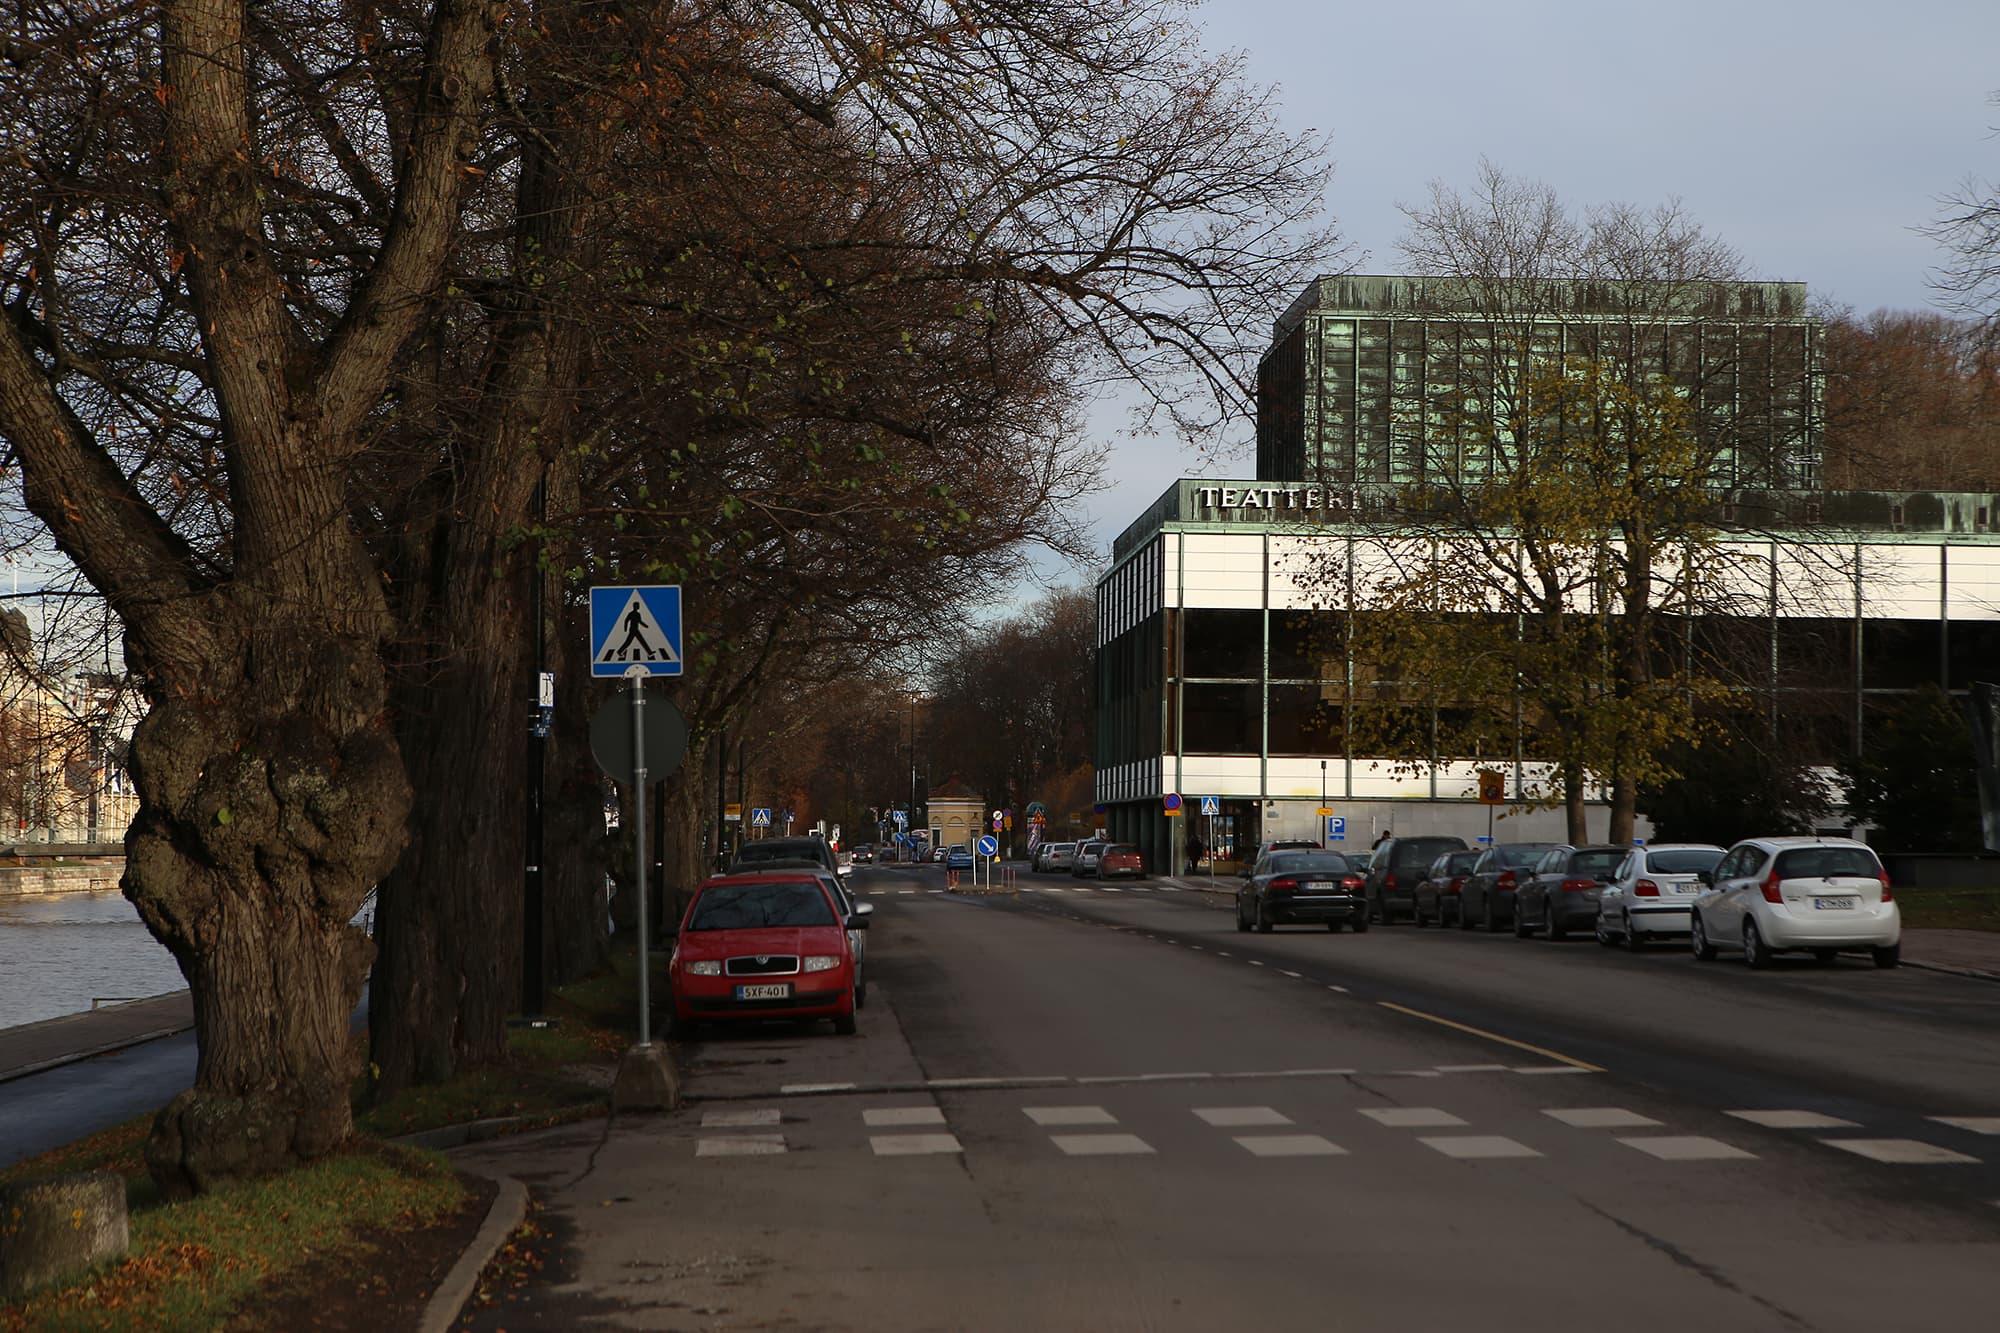 Turun kaupunginteatterin julkisivu.